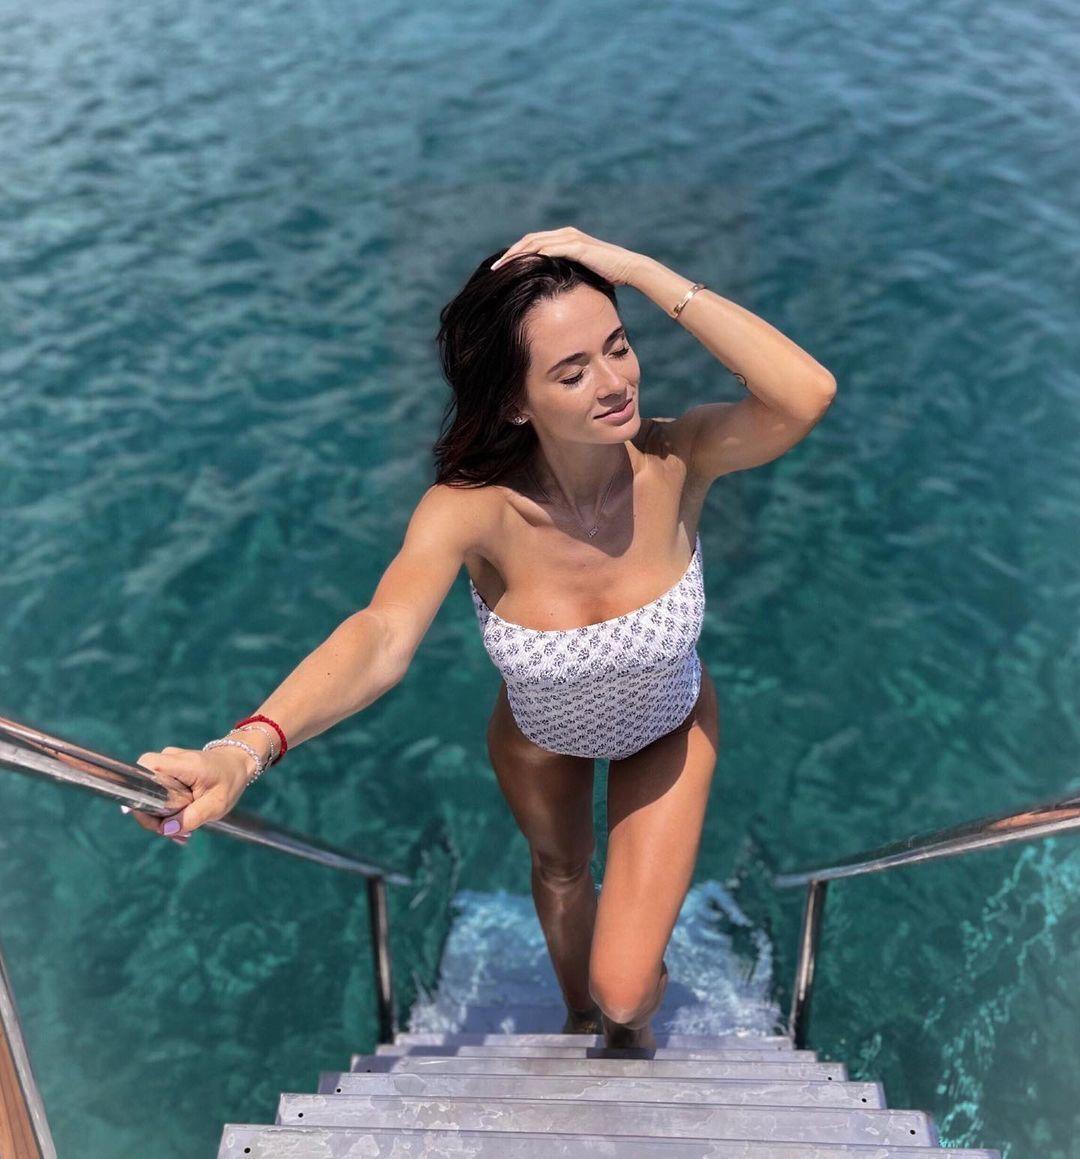 Анна Сидорчук